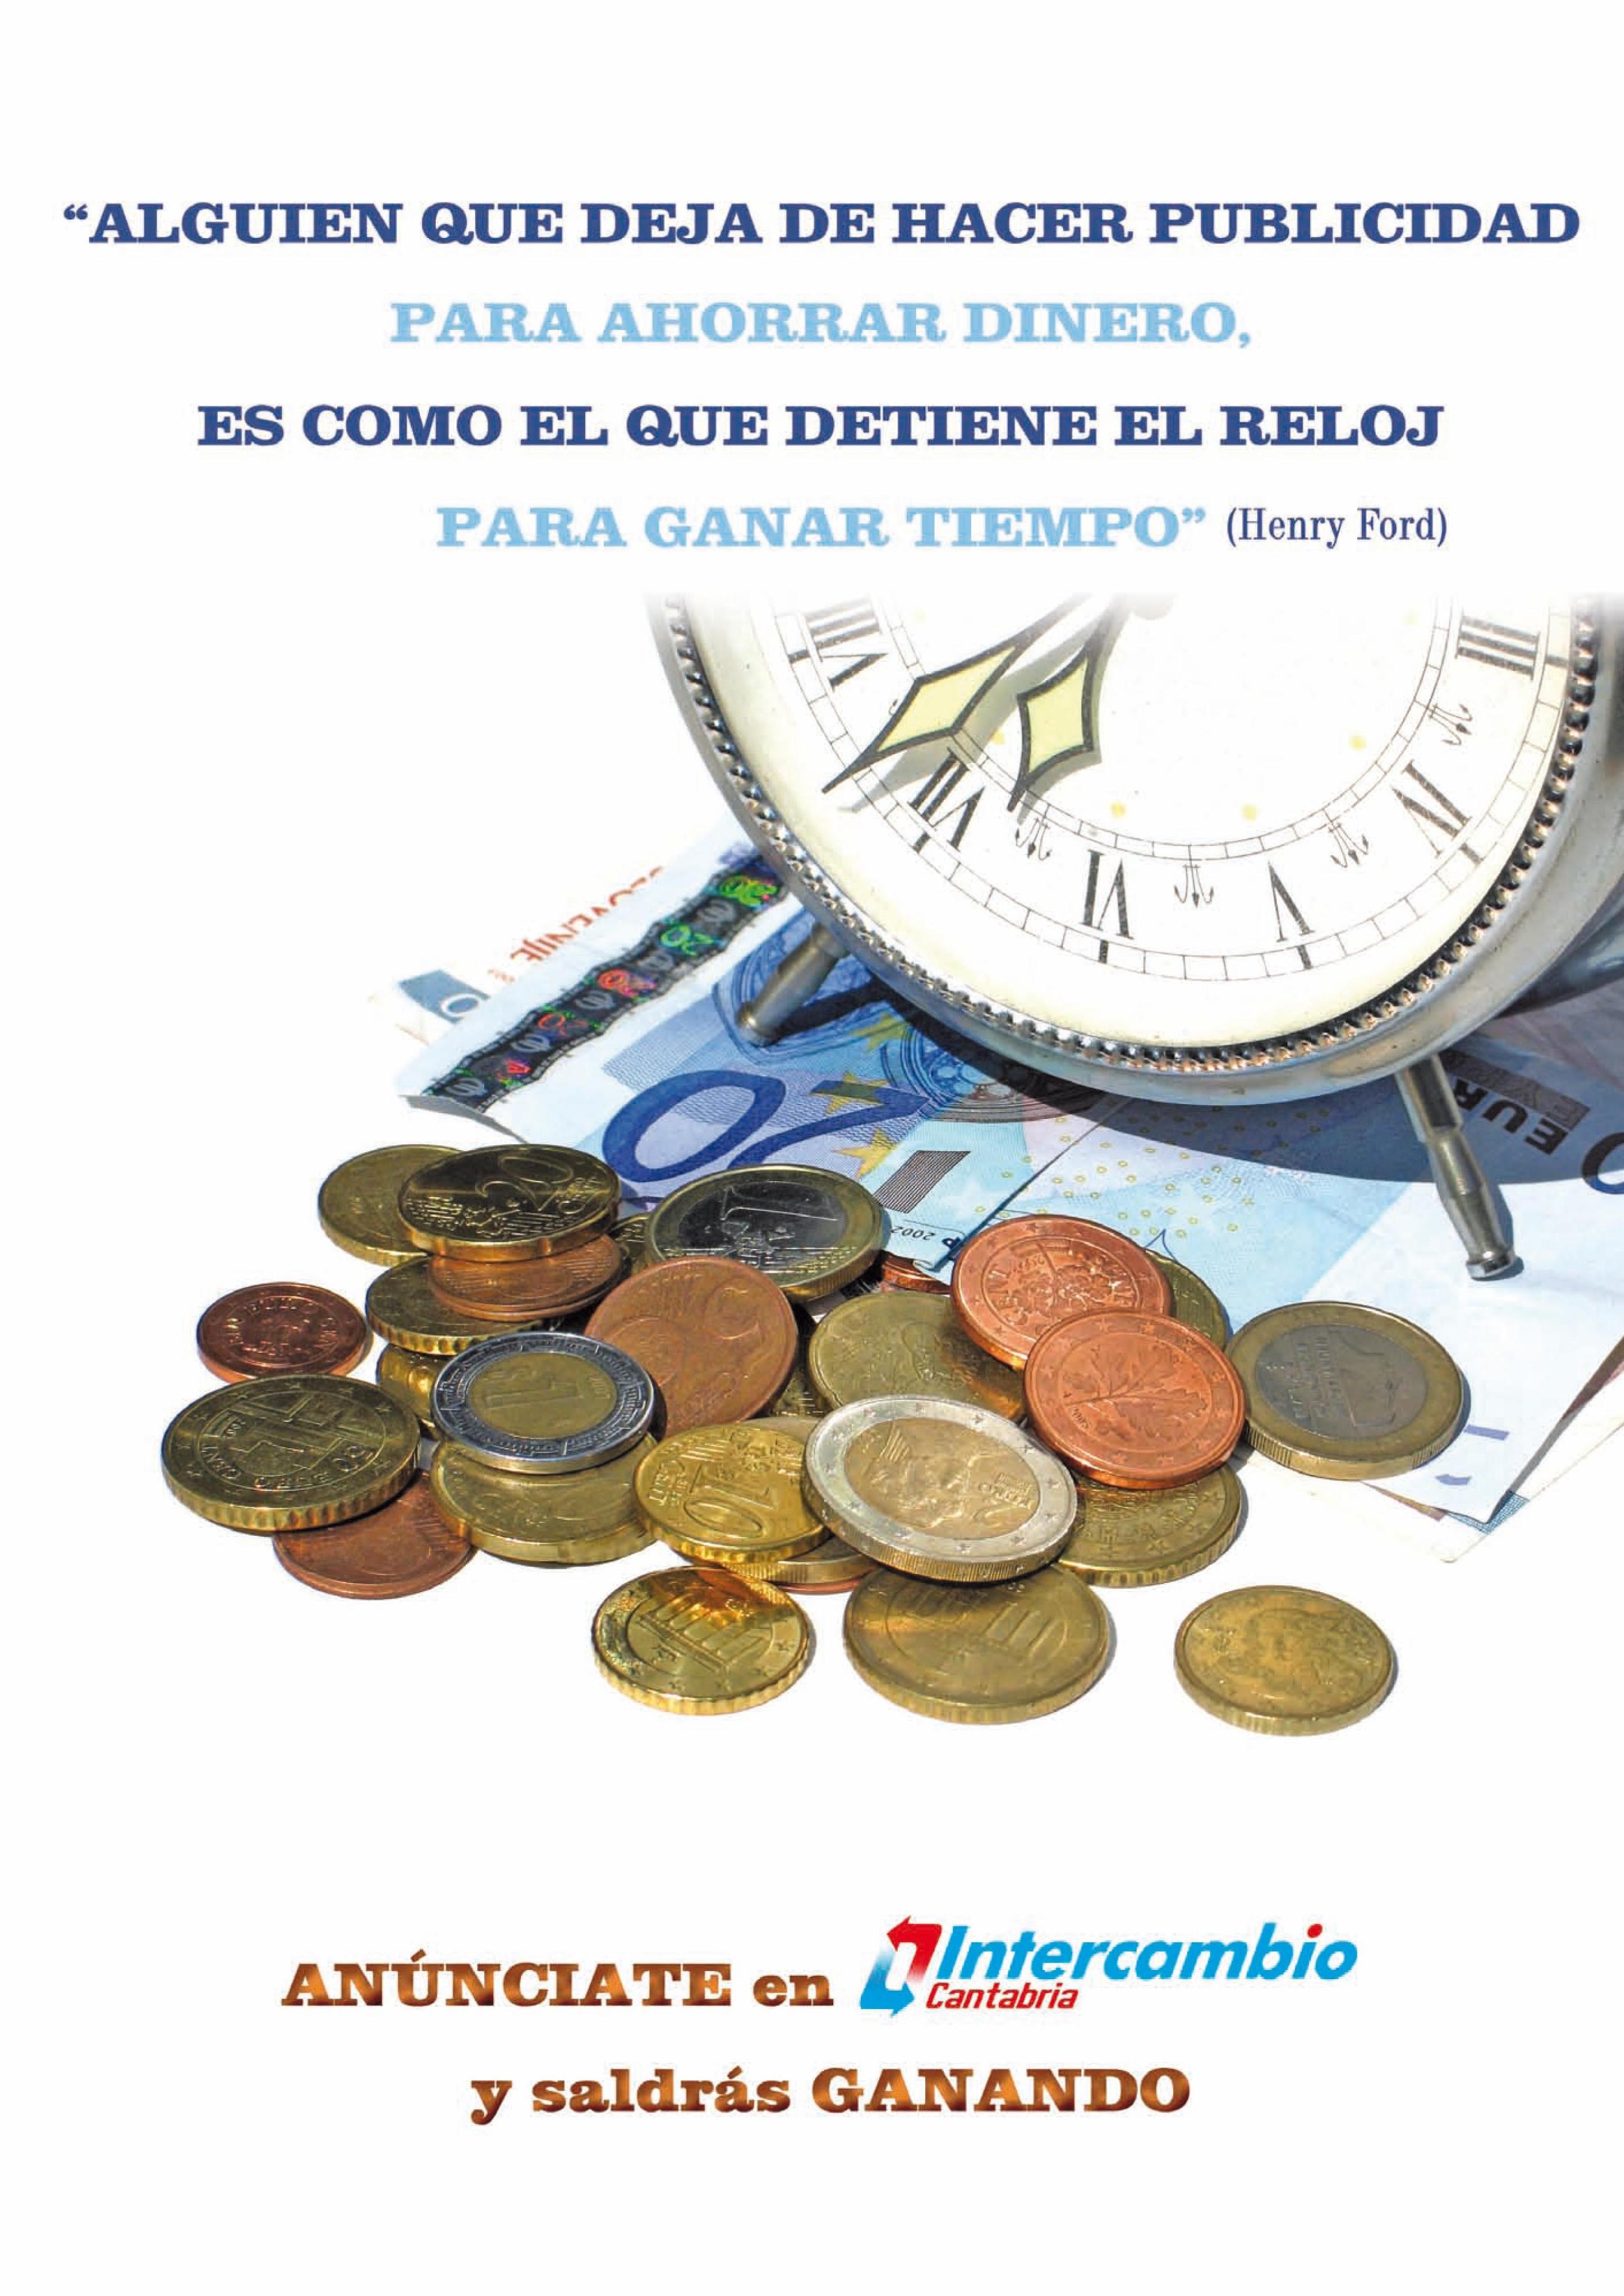 El mejor soporte para tu publicidad es Intercambio Cantabria